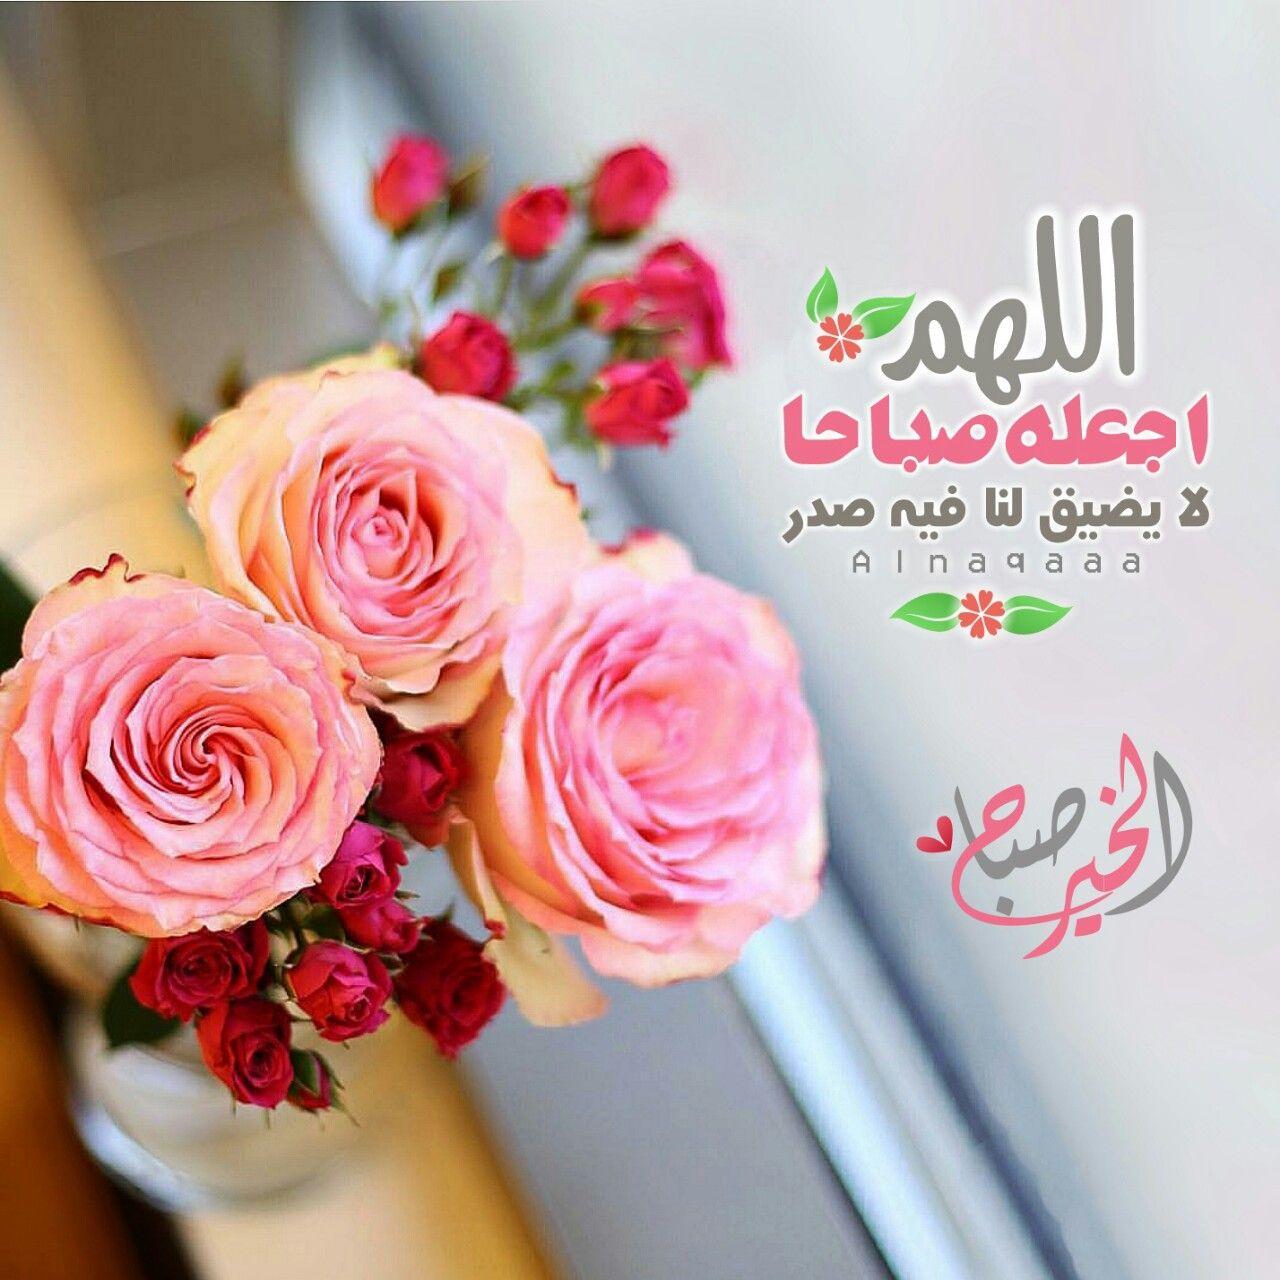 مسلمة وكل ما انشره من تصميمي Photo Good Morning Flowers Good Evening Wishes Good Night Messages